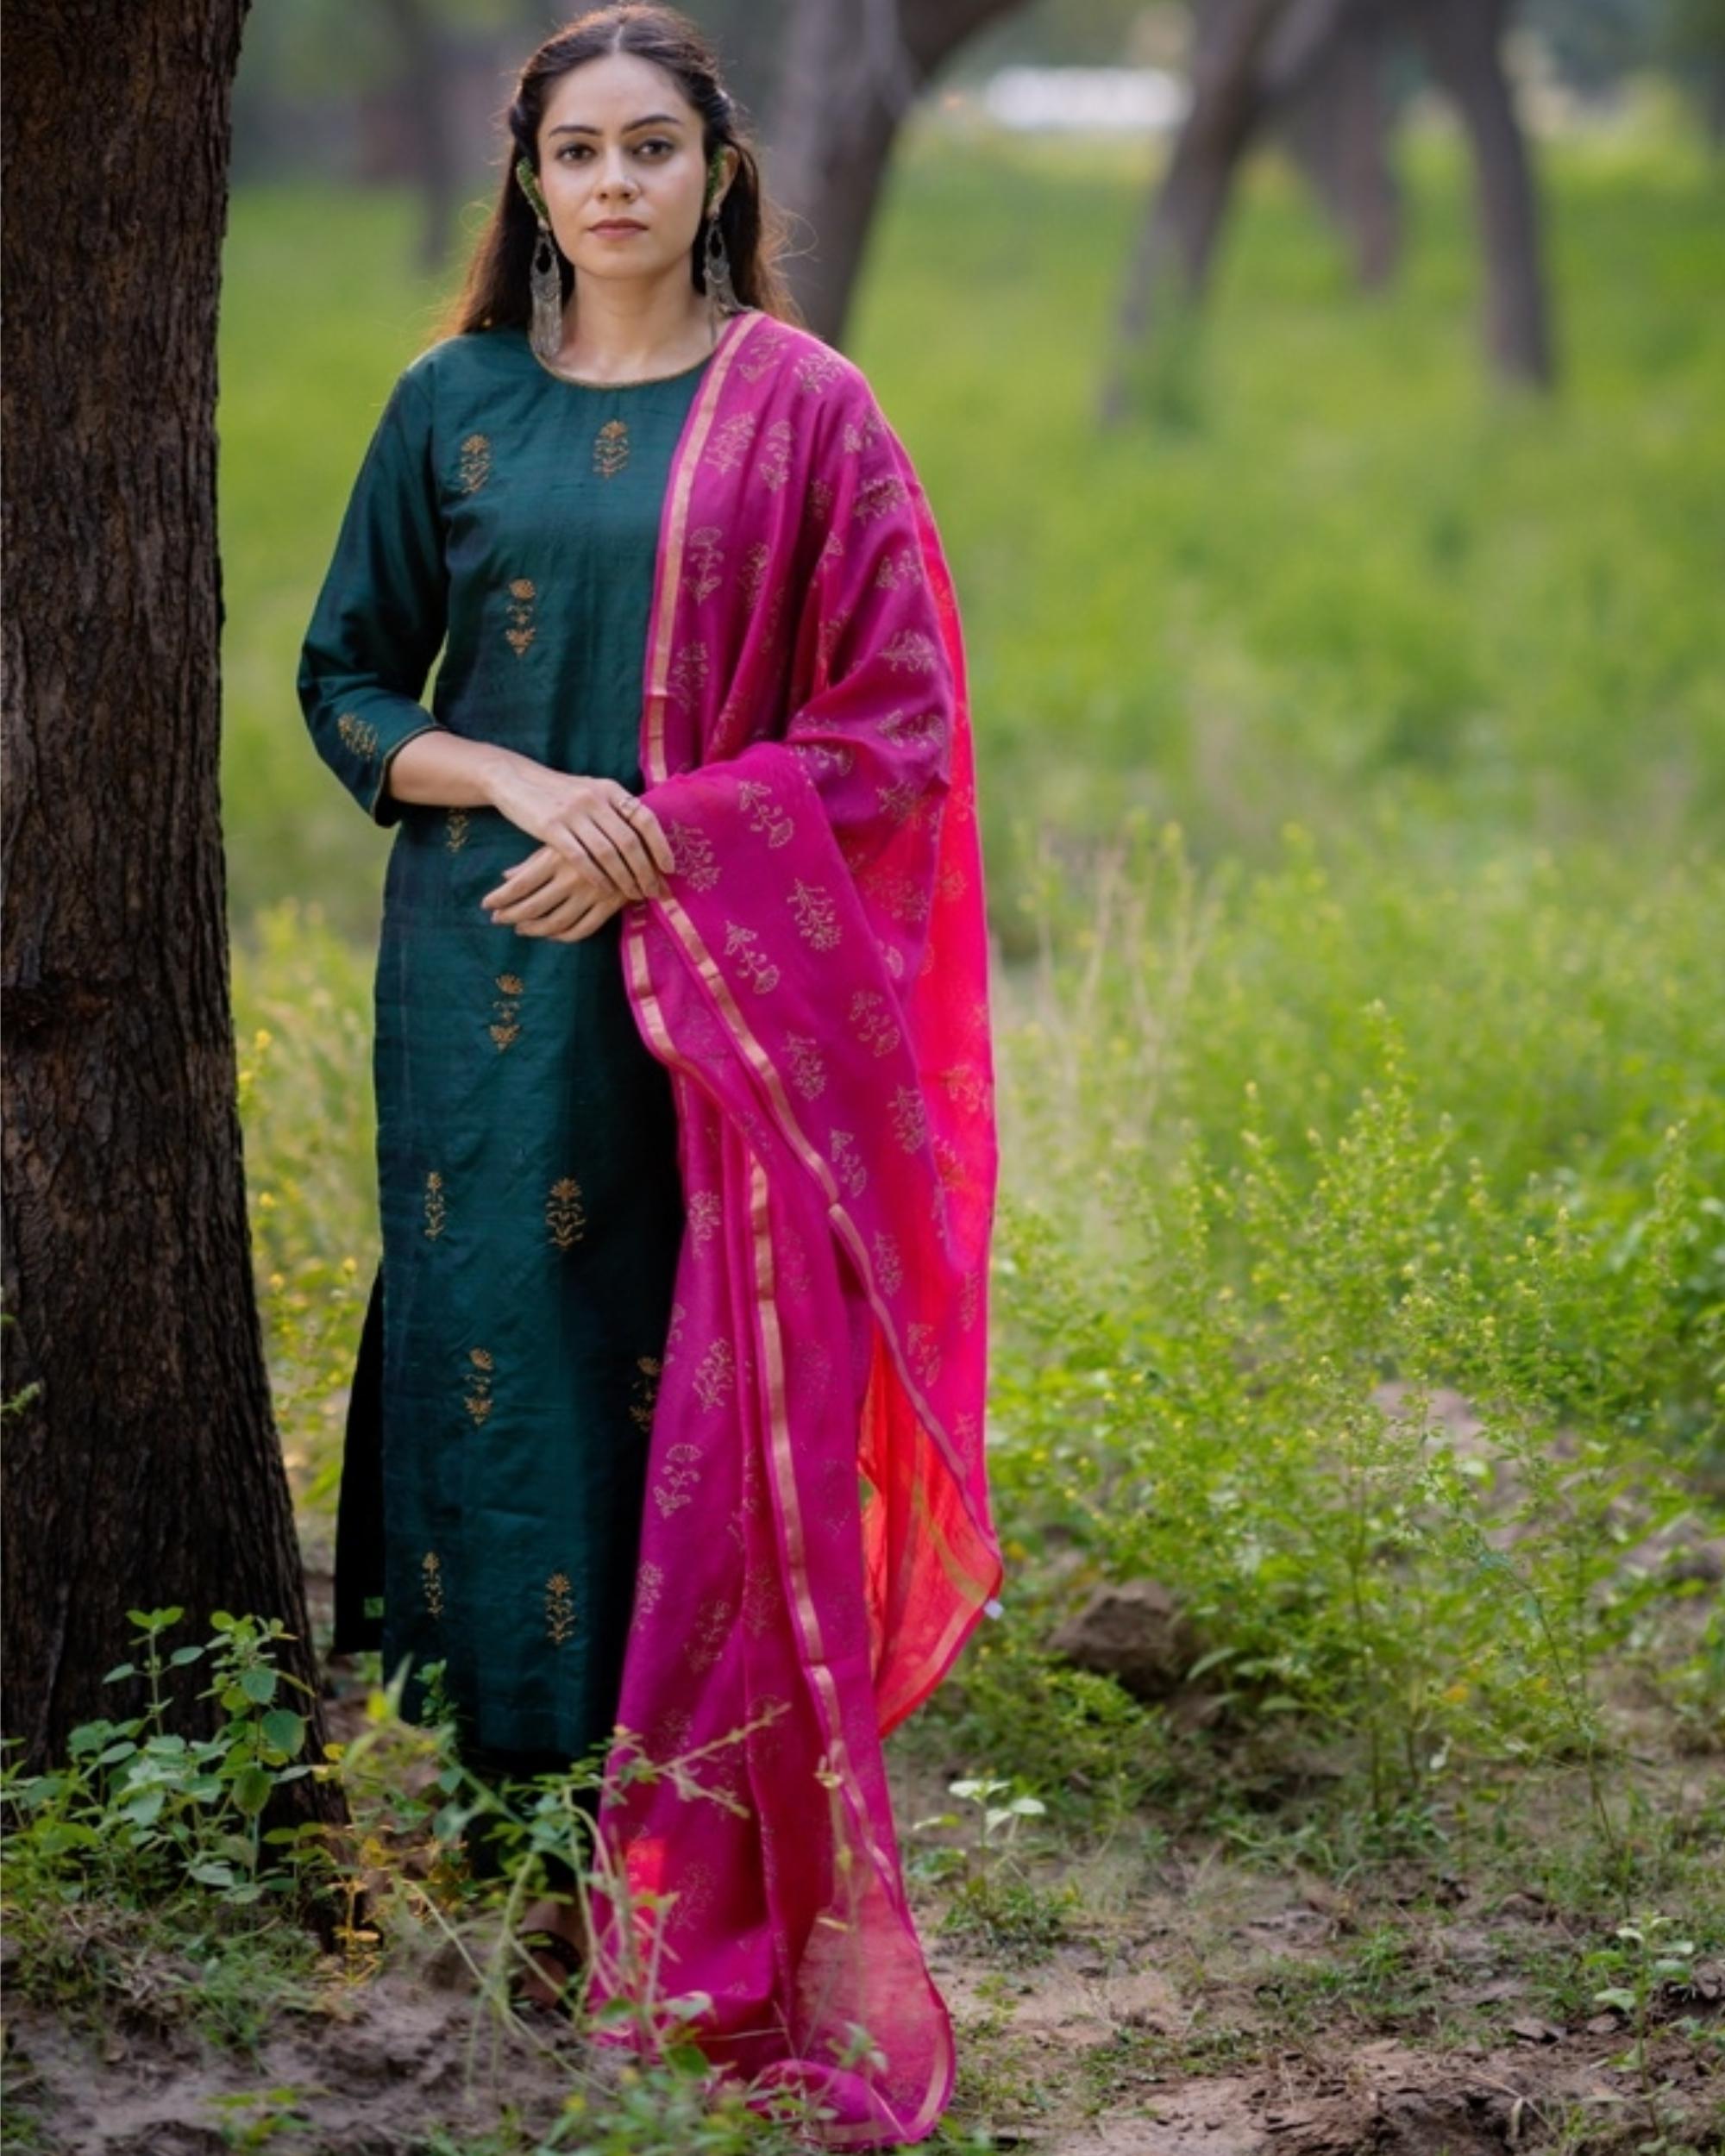 Bottle green aari embroidered kurta set with fuchsia pink dupatta- Set of three